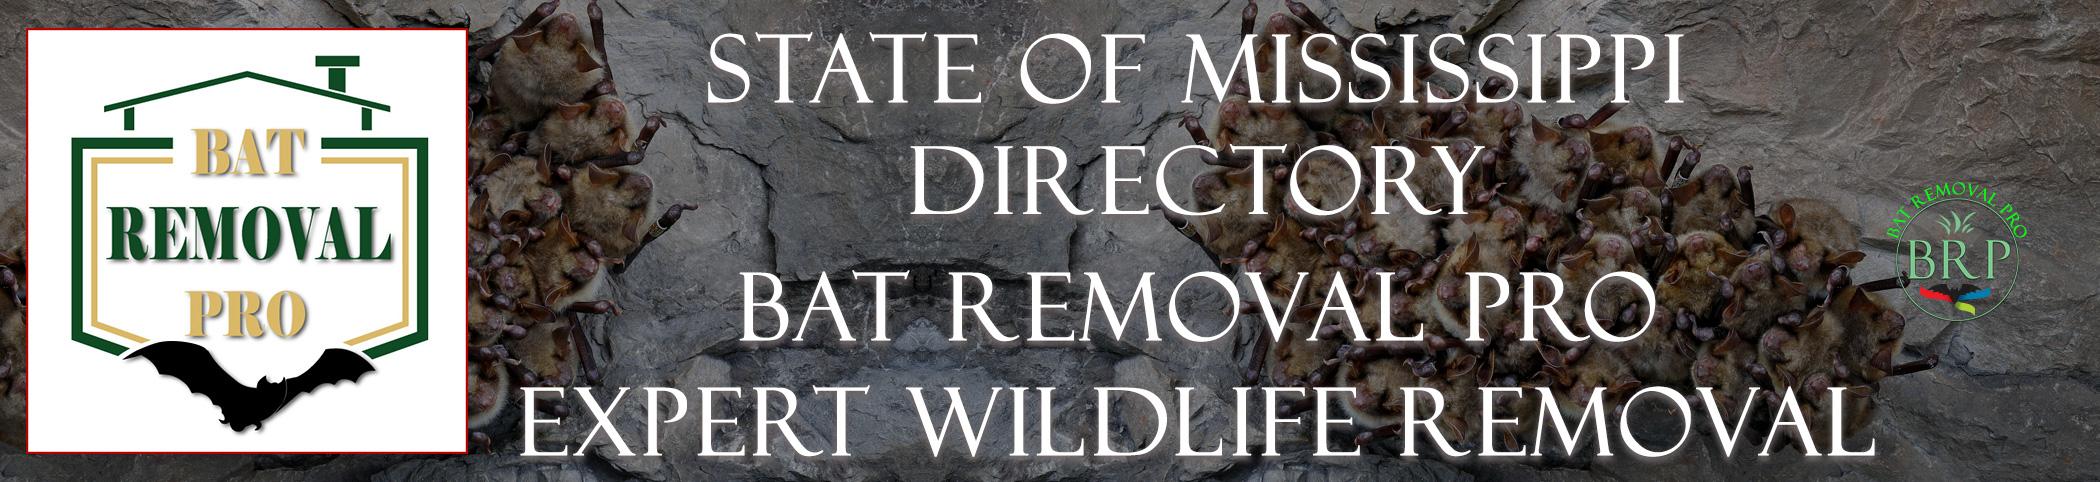 mississippi-bat-removal-at-bat-removal-pro-header-image